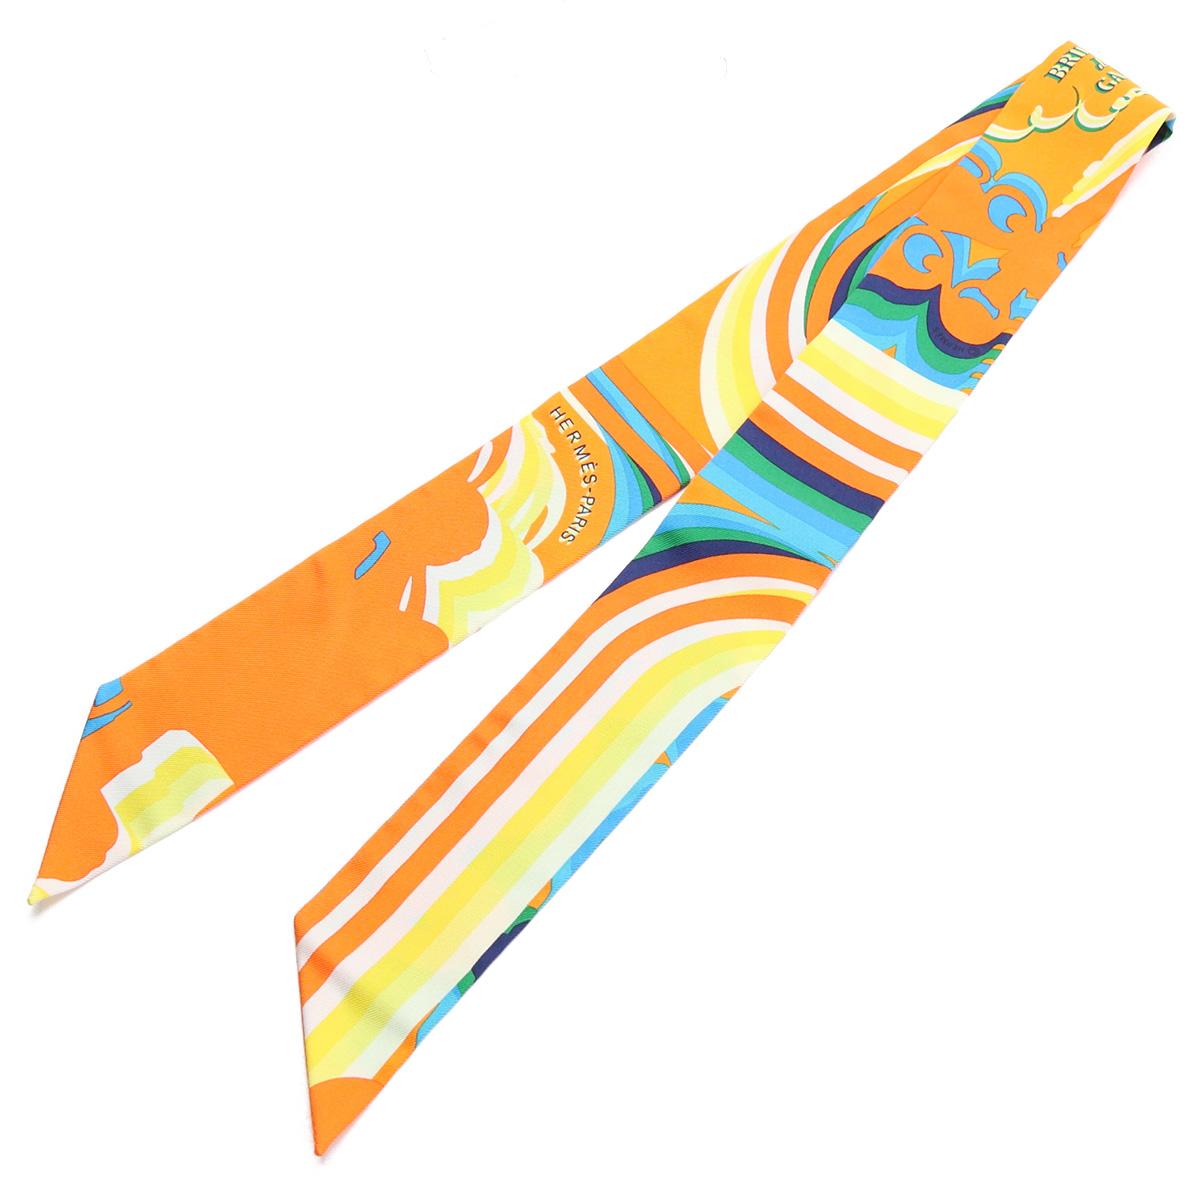 ※ 送料無料 ラッピング無料 エルメス HERMES レディース-スカーフ TWILLY H063415S 06 BRIDES DE SHAD TR gsw-5 ORANGE accessory-01 TURQ 爆売りセール開催中 <セール&特集> GALA bos-46 マルチカラー JAUNE sale-8